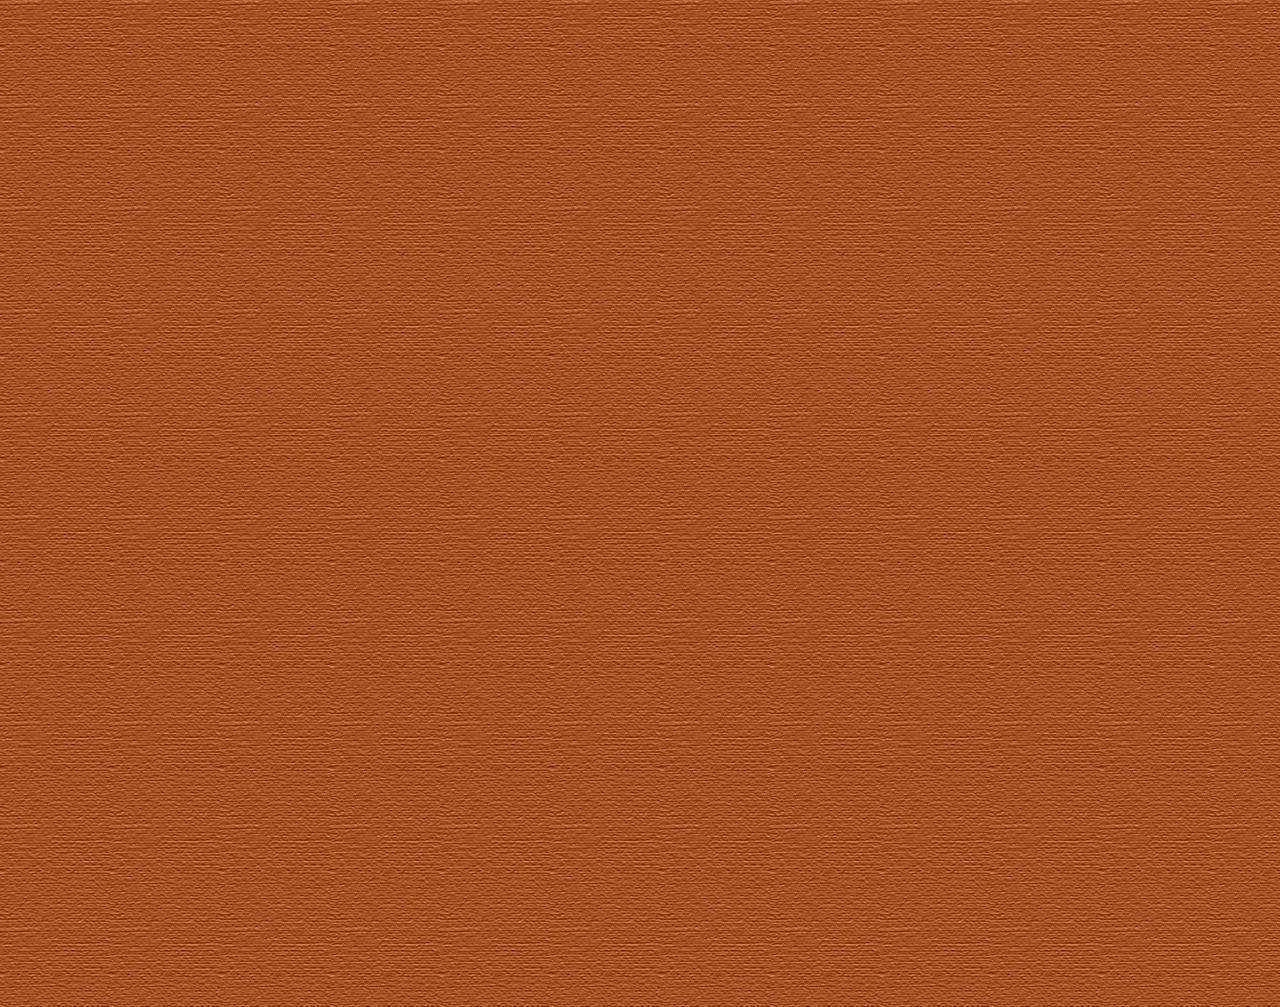 Картинка, картинки коричневый цвет для детей